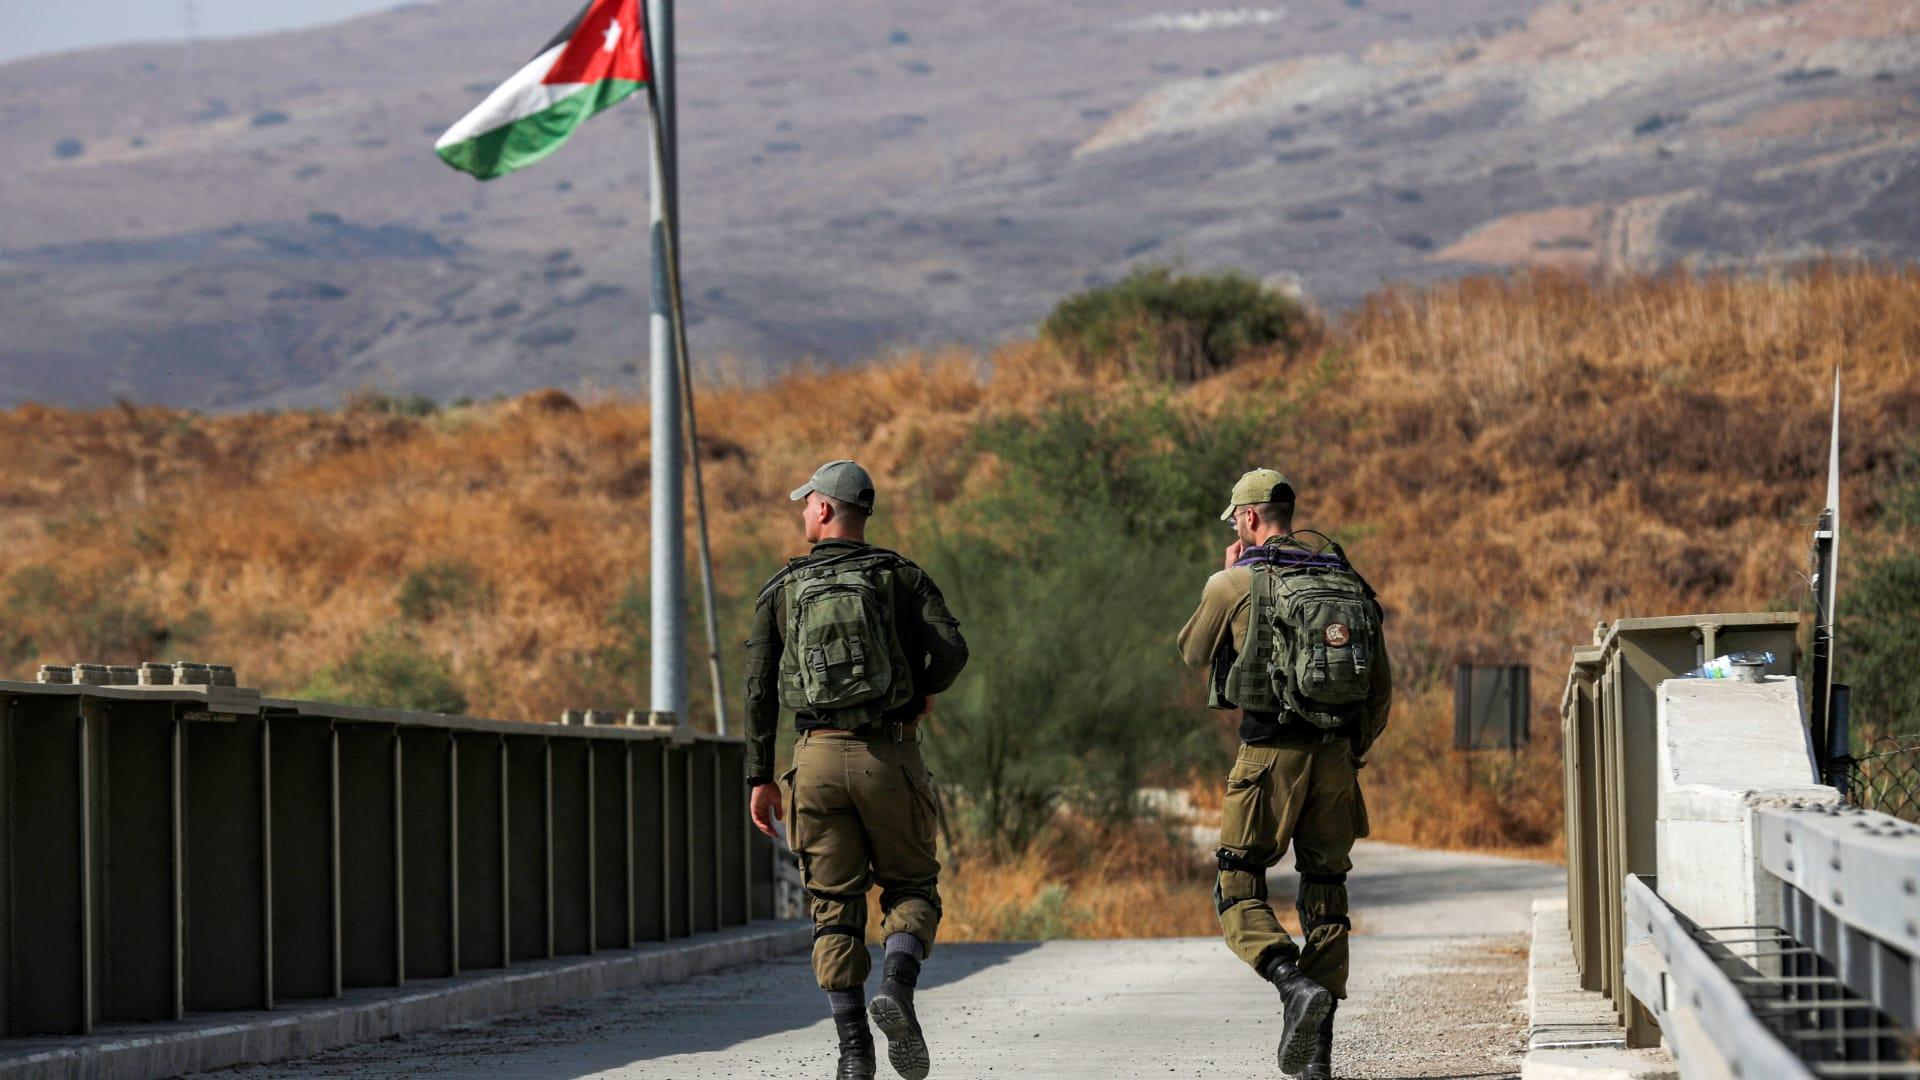 لحظة وصول هبة اللبدي وعبد الرحمن مرعي إلى الأردن